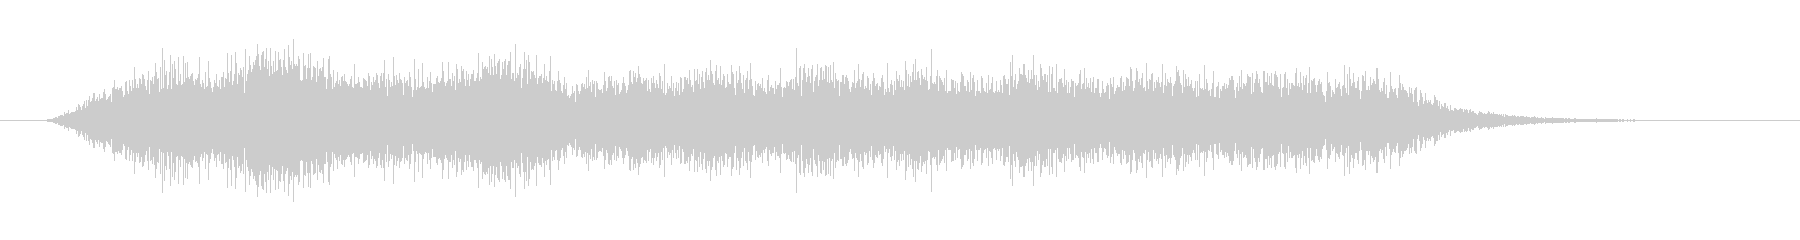 不吉な場面転換音の未再生の波形